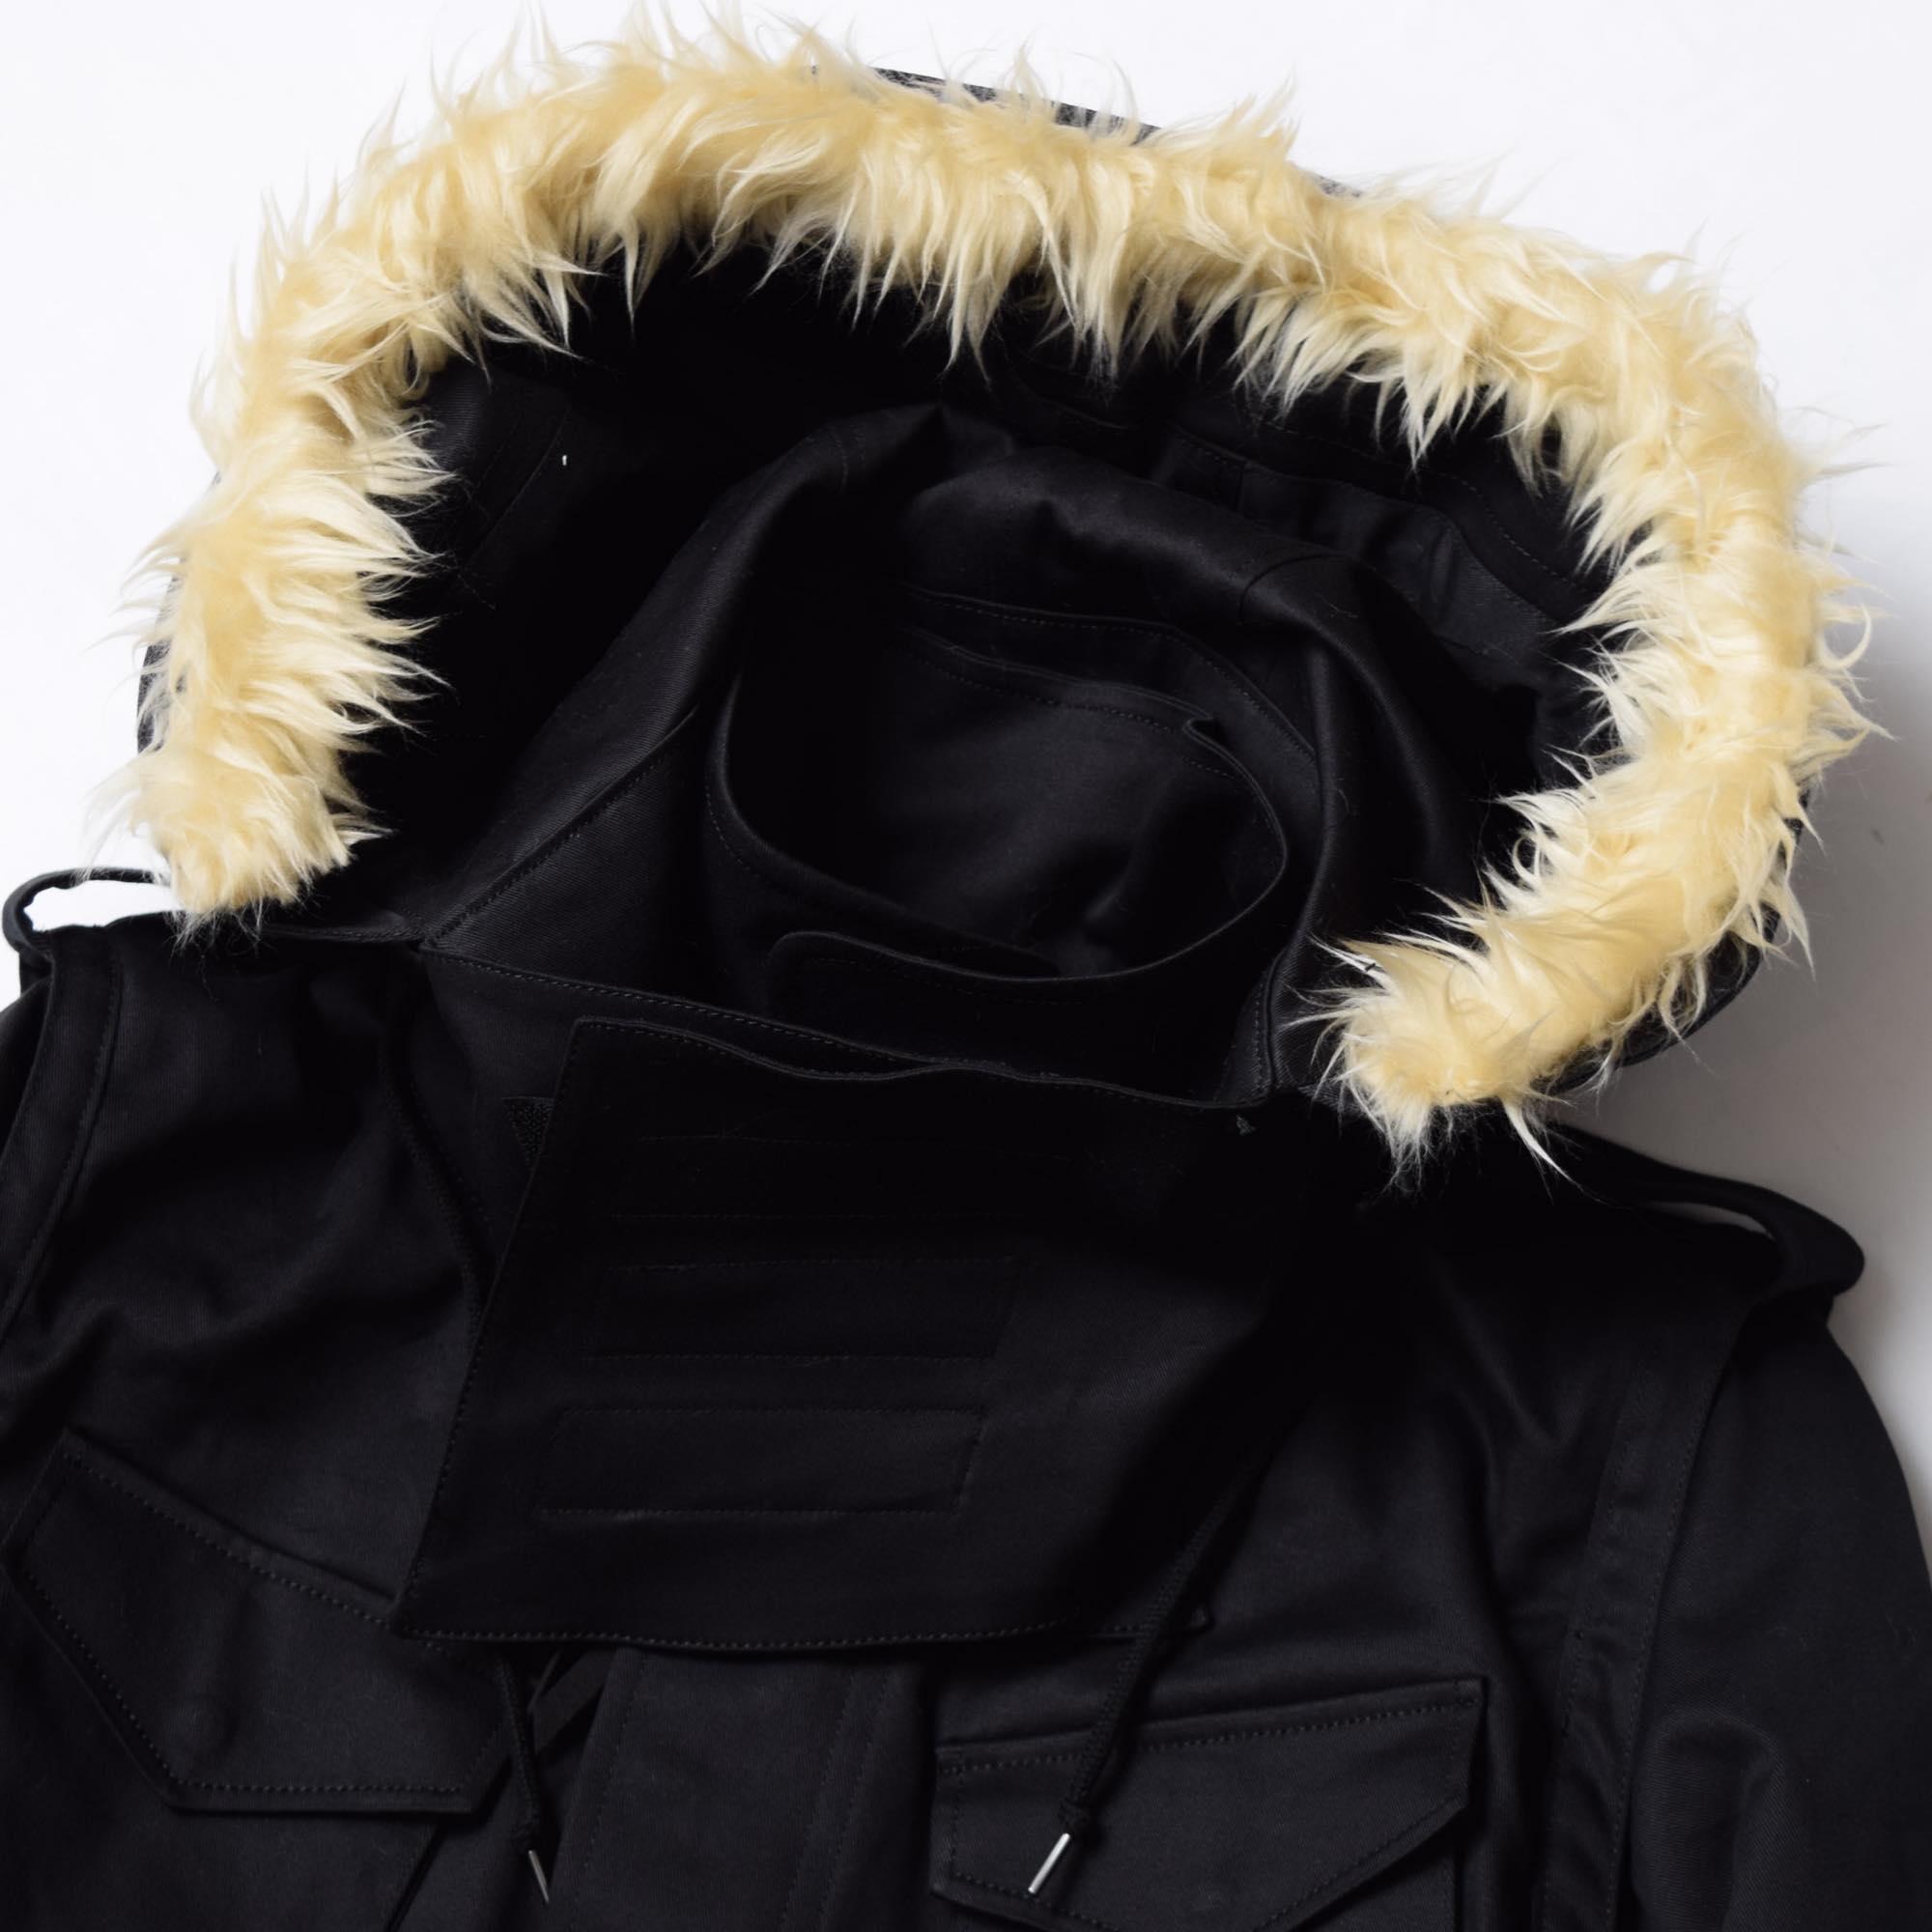 coat_blk004